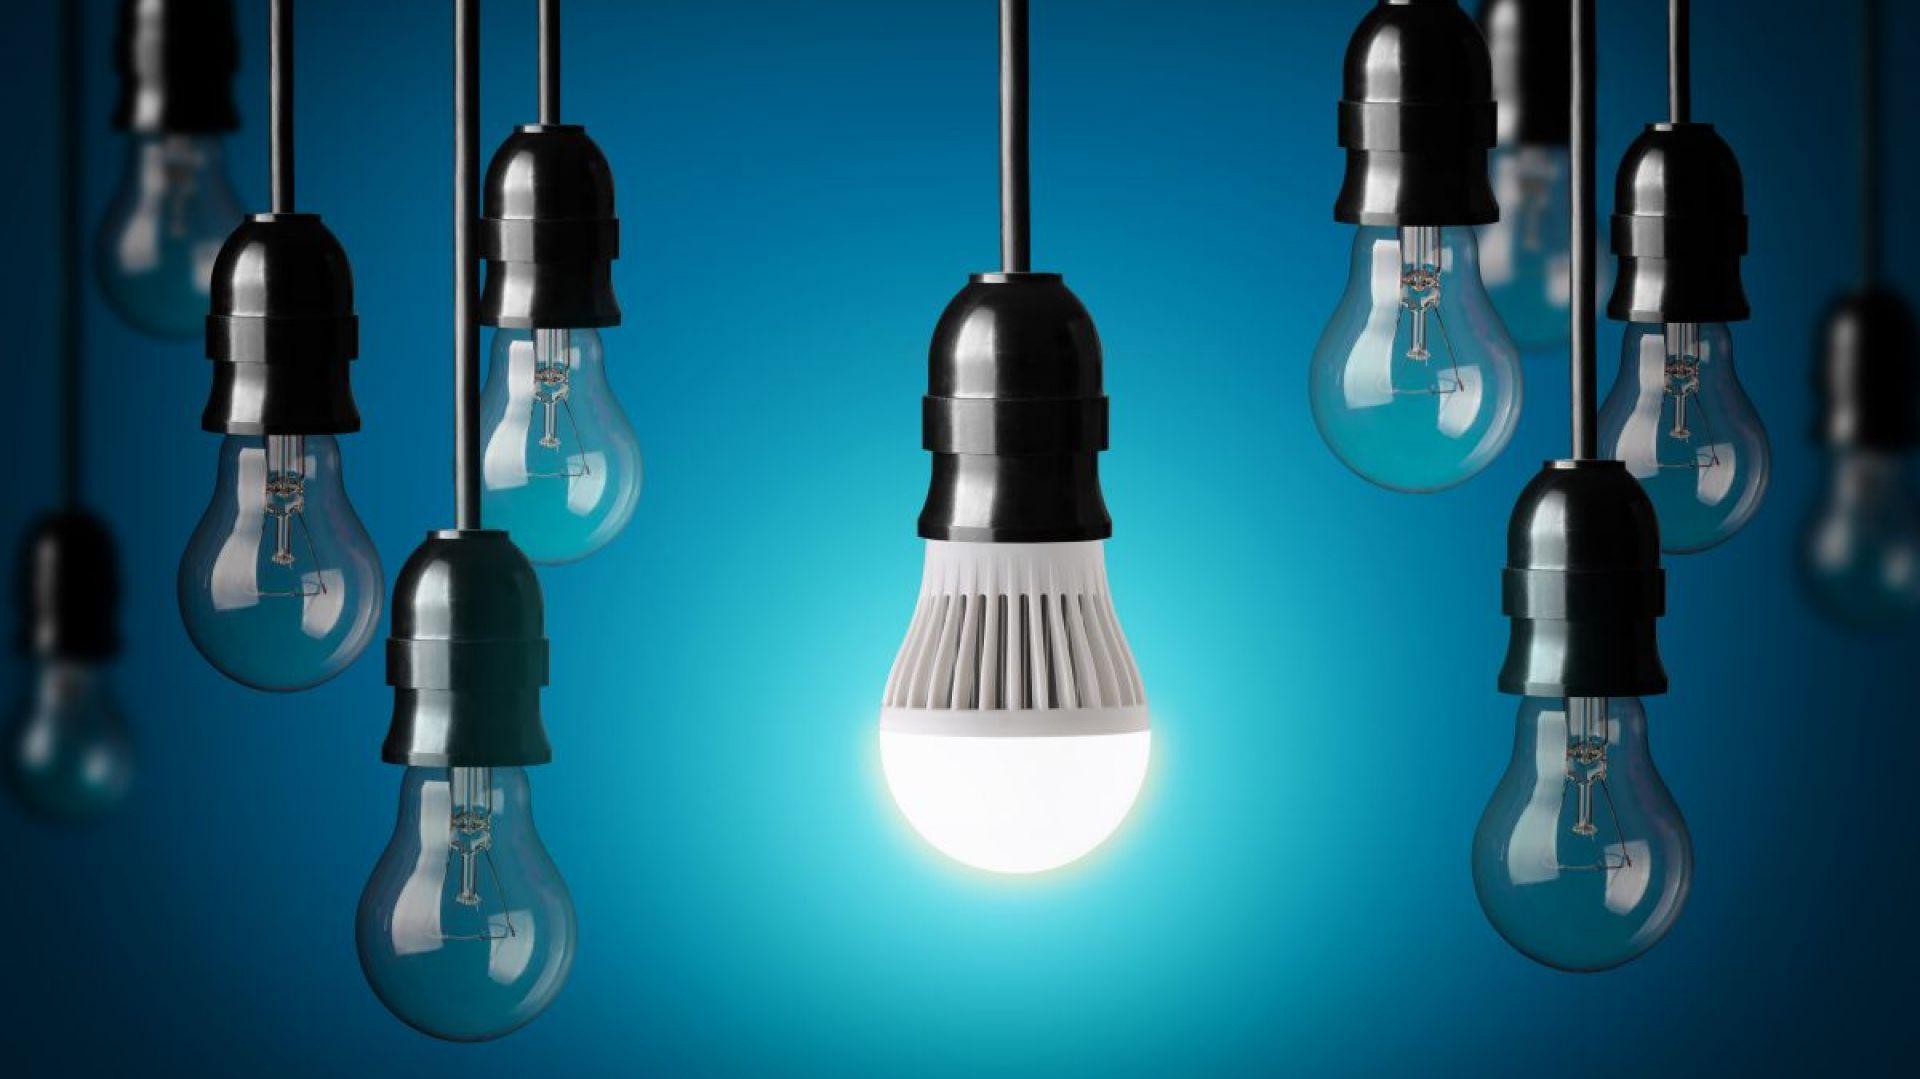 Jednym z najważniejszych argumentów stojących za źródłami światła LED jest ich długowieczność. Zgodnie z wytycznymi dyrektywy DIM2, trwałość lamp tego typu prezentuje się w liczbie godzin nieprzerwanego świecenia. Dobrej jakości urządzenia świecą nawet do 40.000 godzin (około 20 lat pracy przez 6 godzin dziennie). Fot. Shutterstock